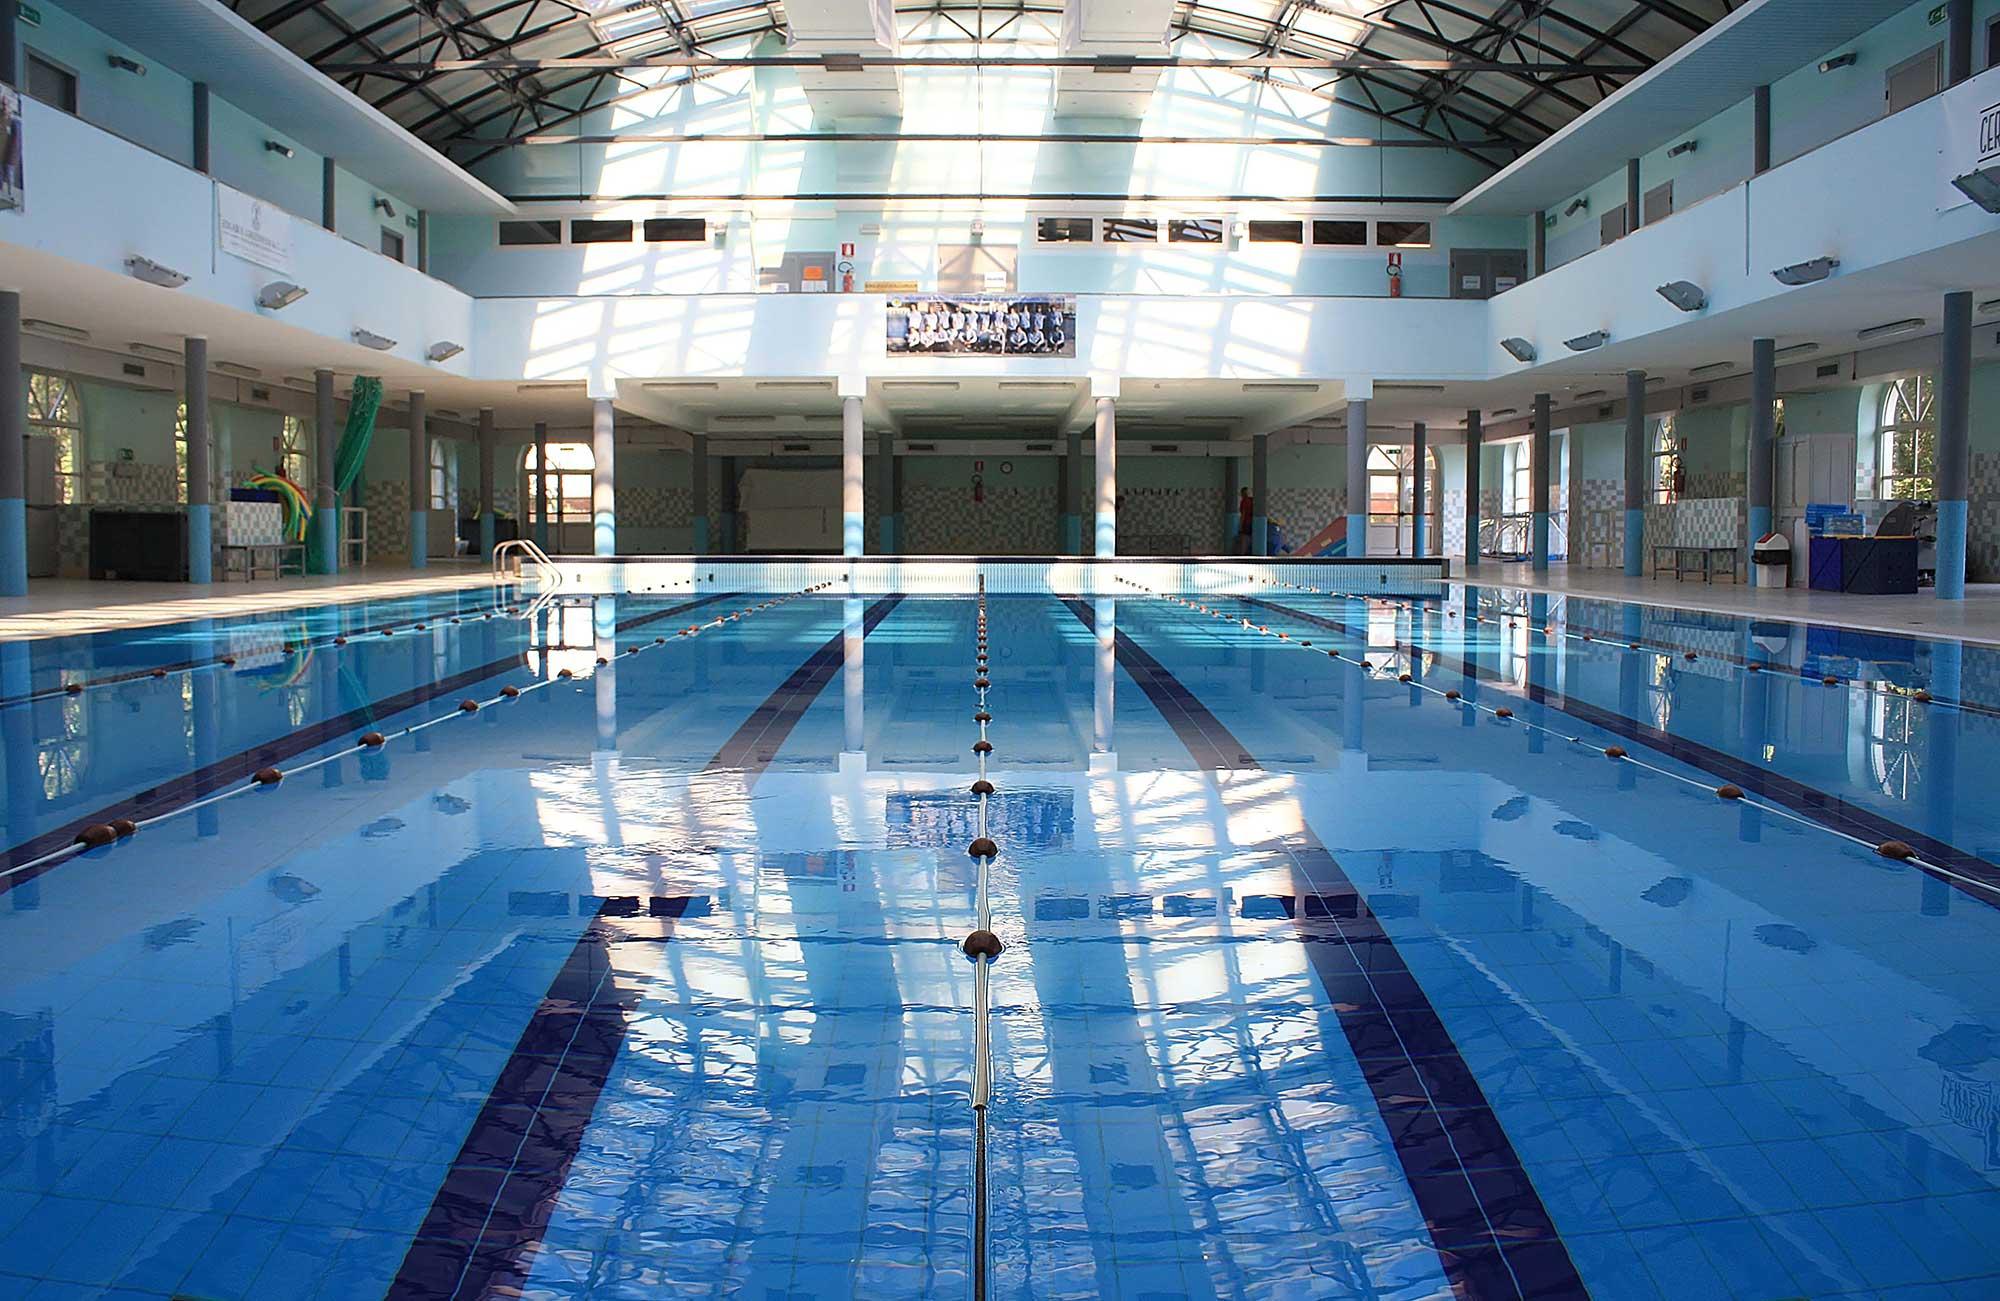 Piscina di san giovanni sabato 17 settembre open day informatrieste - San giovanni in persiceto piscina ...